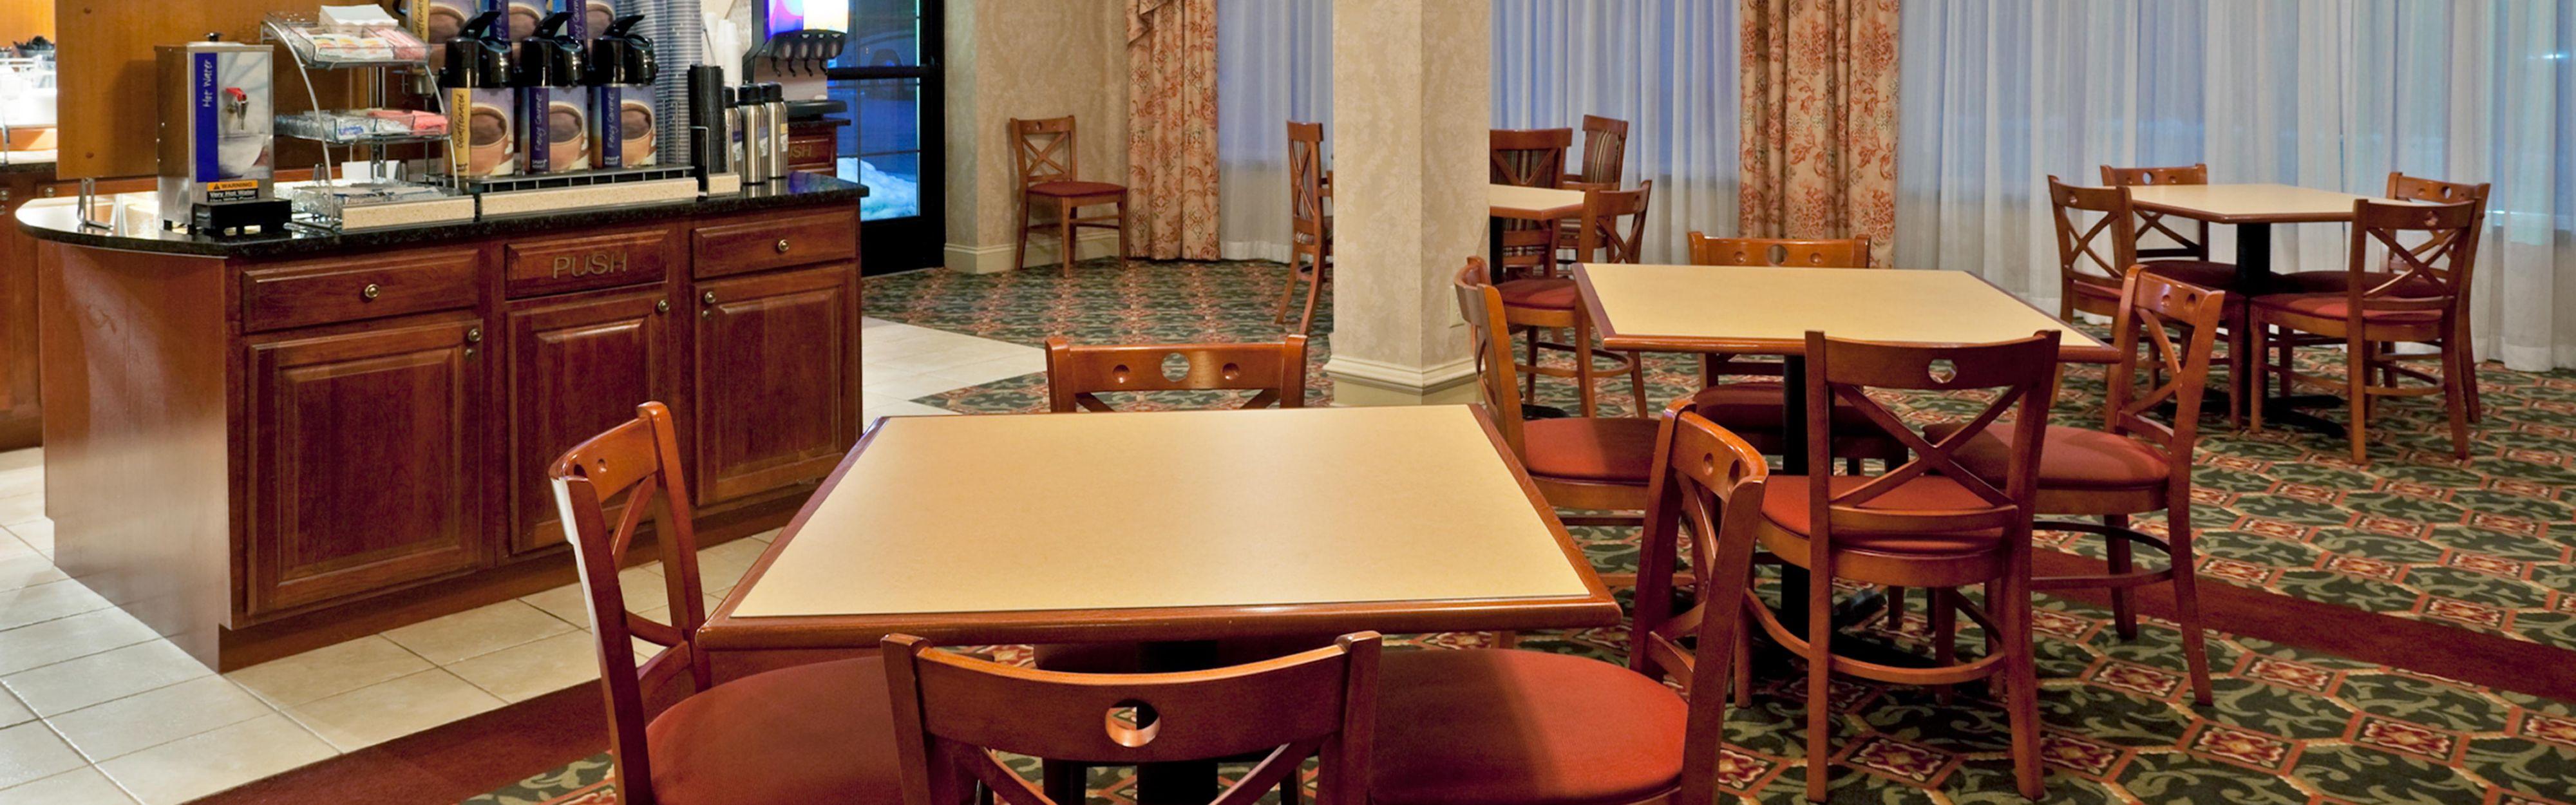 Hotels Motels Clifton Park Ny